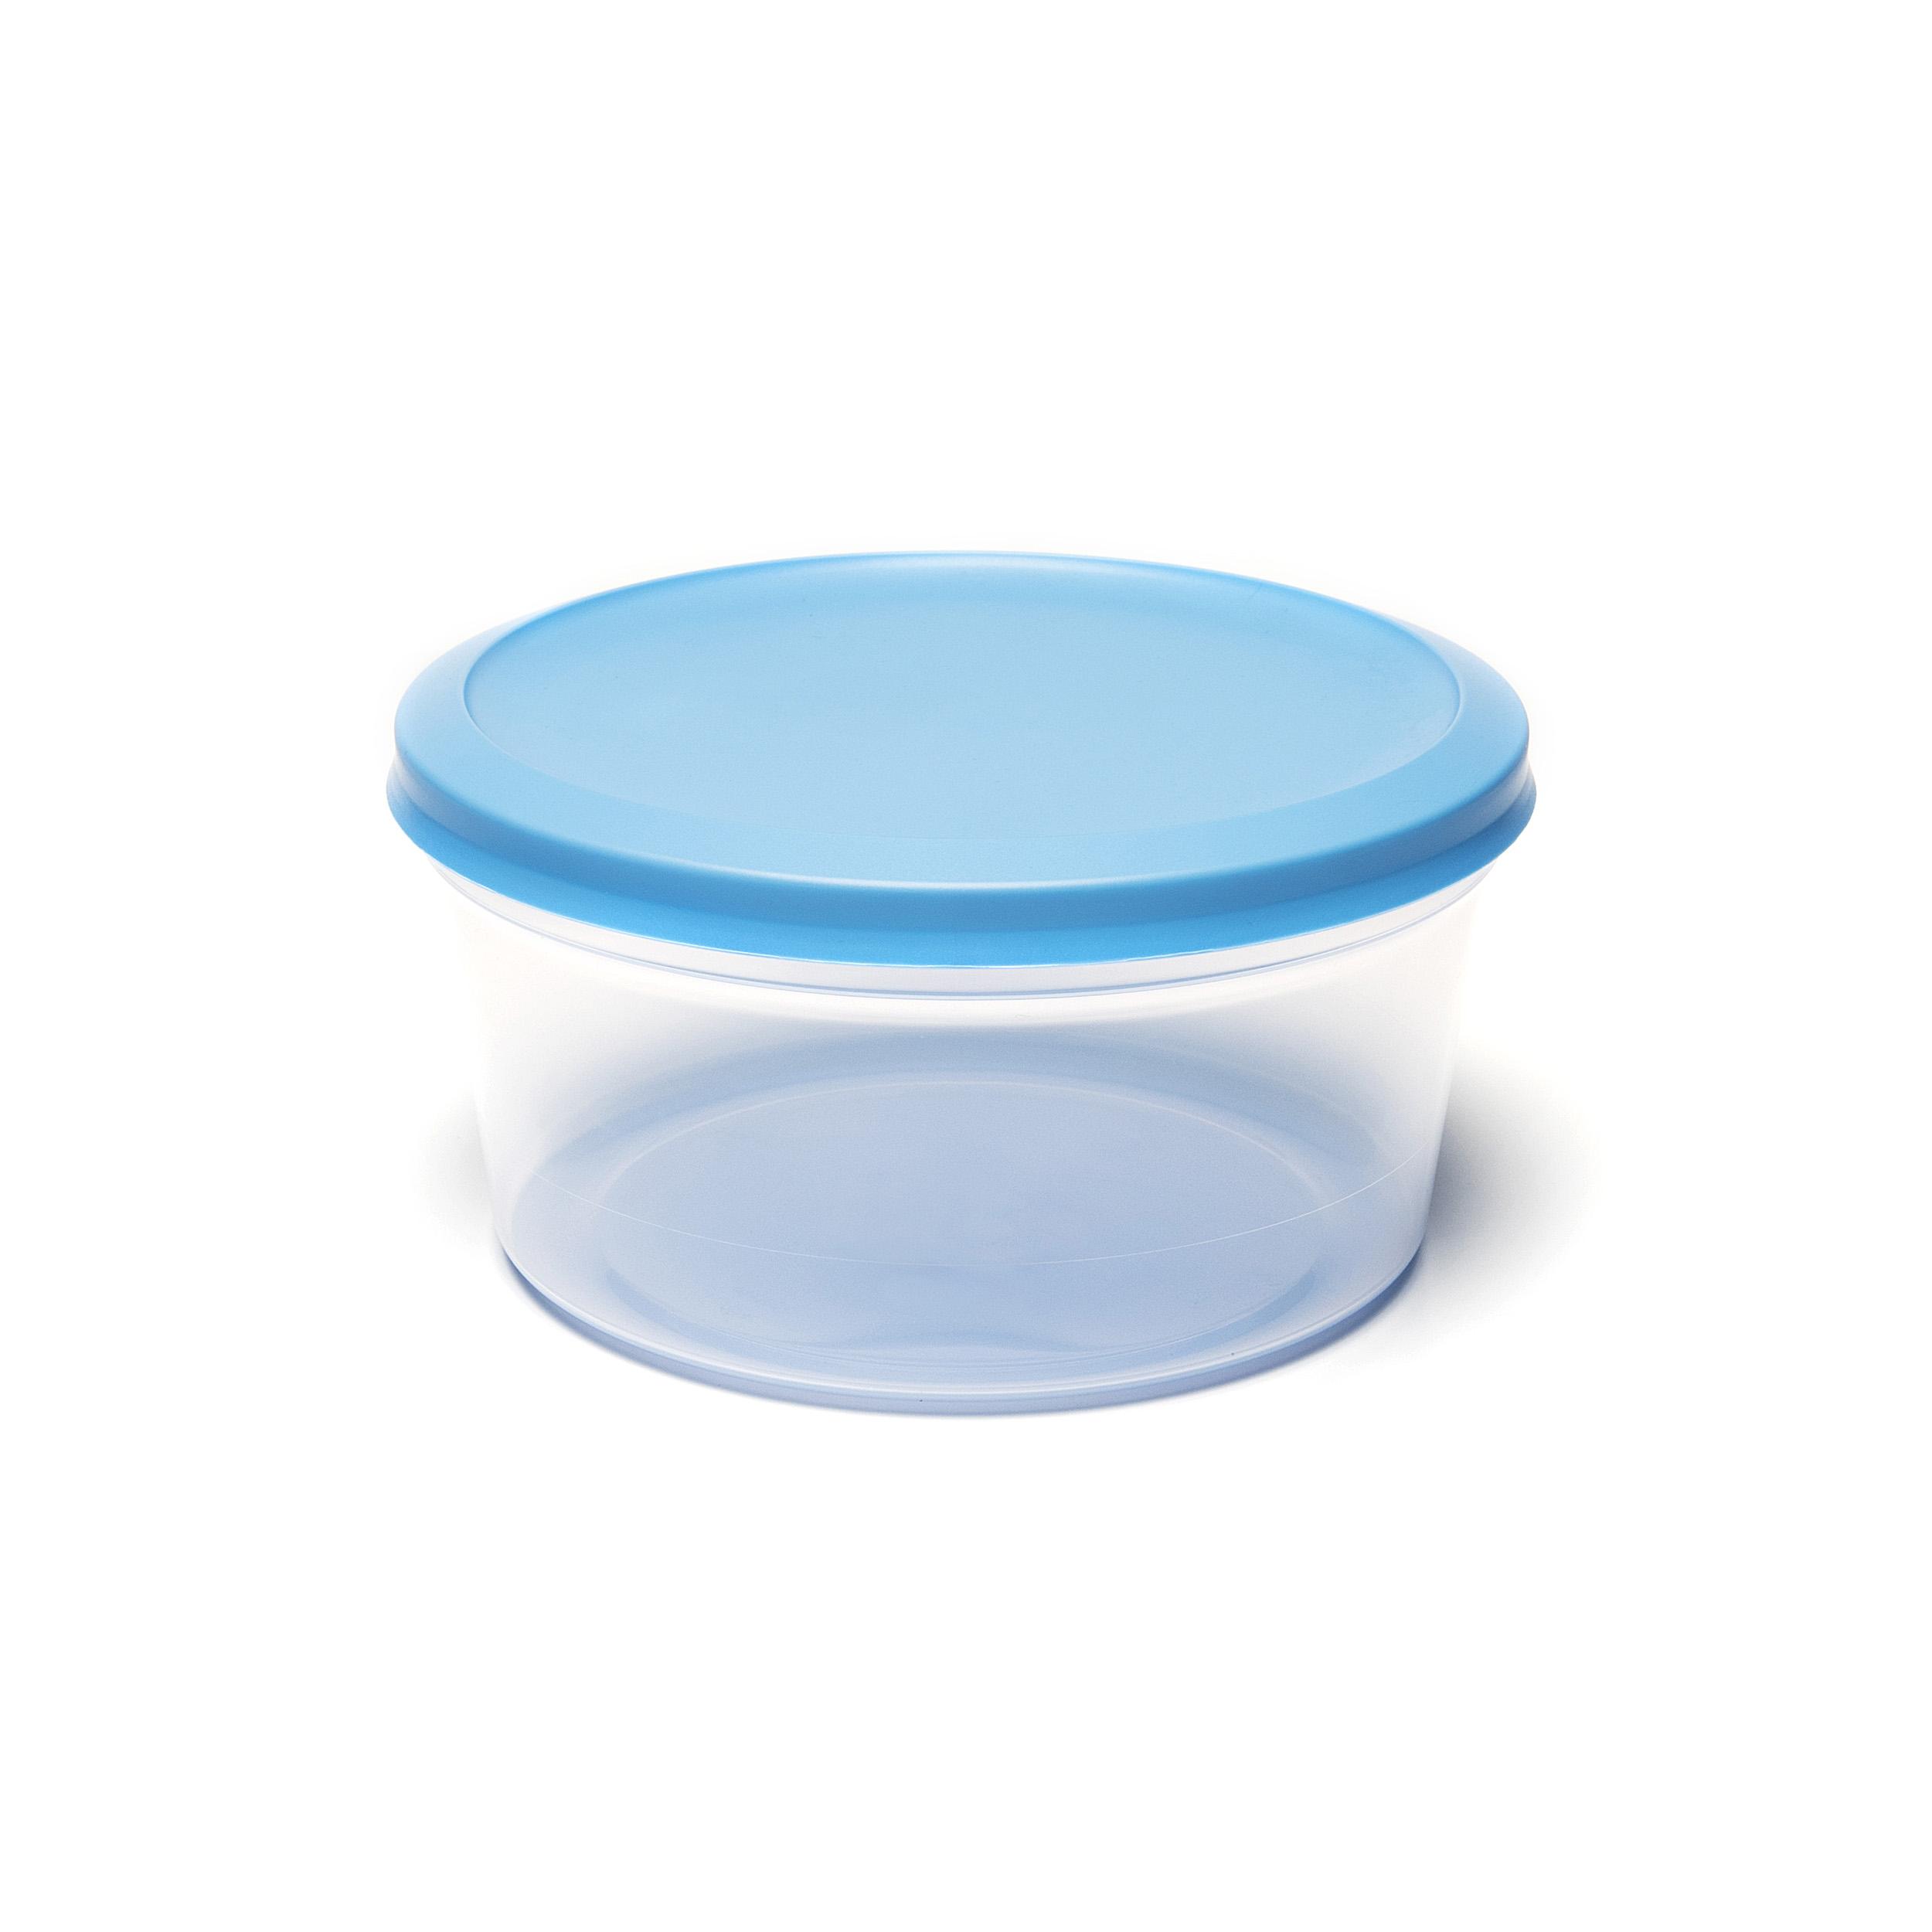 Vacutop Round 2700ml - .... Super fresh food? Keep it in a VacuTop® box. Thanks to its hermetic seal, your food will remain noticeably fresher for longer. Stack and store? It's easy peasy. Your VacuTop® is indestructible: it will stand up to the dishwasher and microwave – provided you remove the lid when using the latter. ..Un repas d'une fraîcheur exquise ? Une boîte VacuTop® vous le garantira. Grâce à sa fermeture hermétique, vos aliments restent frais vraiment plus longtemps. L'empiler et la ranger ? Simple comme bonjour. Votre VacuTop® est inusable : elle convient pour le lave-vaisselle et micro-ondes – pour autant que vous en enleviez le couvercle. ..Kraakvers eten? Dat bewaar je in een VacuTop®-doos. Dankzij de hermetische afsluiting blijft je eten merkbaar langer vers. Stapelen en wegbergen? Een fluitje van een cent. Je VacuTop® is onverslijtbaar: hij is bestand tegen vaatwasser en microgolfoven – zolang je bij die laatste het deksel maar verwijdert. ..Knackfrische Speisen? Die sollten Sie in einem VacuTop®-Behälter aufbewahren. Dank des hermetischen Verschlusses bleiben Ihre Speisen spürbar länger frisch. Stapeln und aufbewahren? Das ist ein Kinderspiel. Ihr VacuTop® ist unverwüstlich: Er ist spülmaschinenfest und mikrowellengeeignet – solange Sie in der Mikrowelle den Deckel entfernen. ....